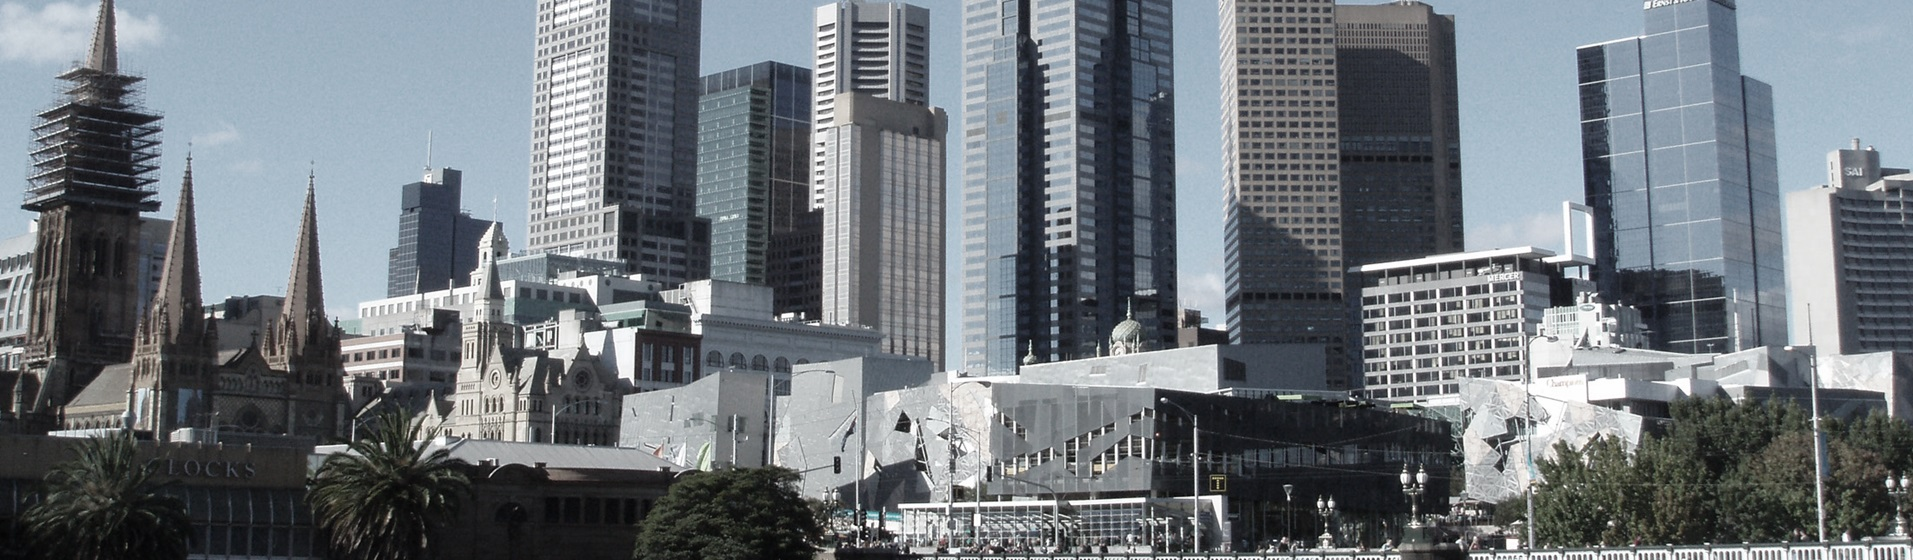 世界市場調査会社、QYResearch社(QYリサーチ)の日本ウェブサイト。H&Iグローバルリサーチ(代理店)が運営